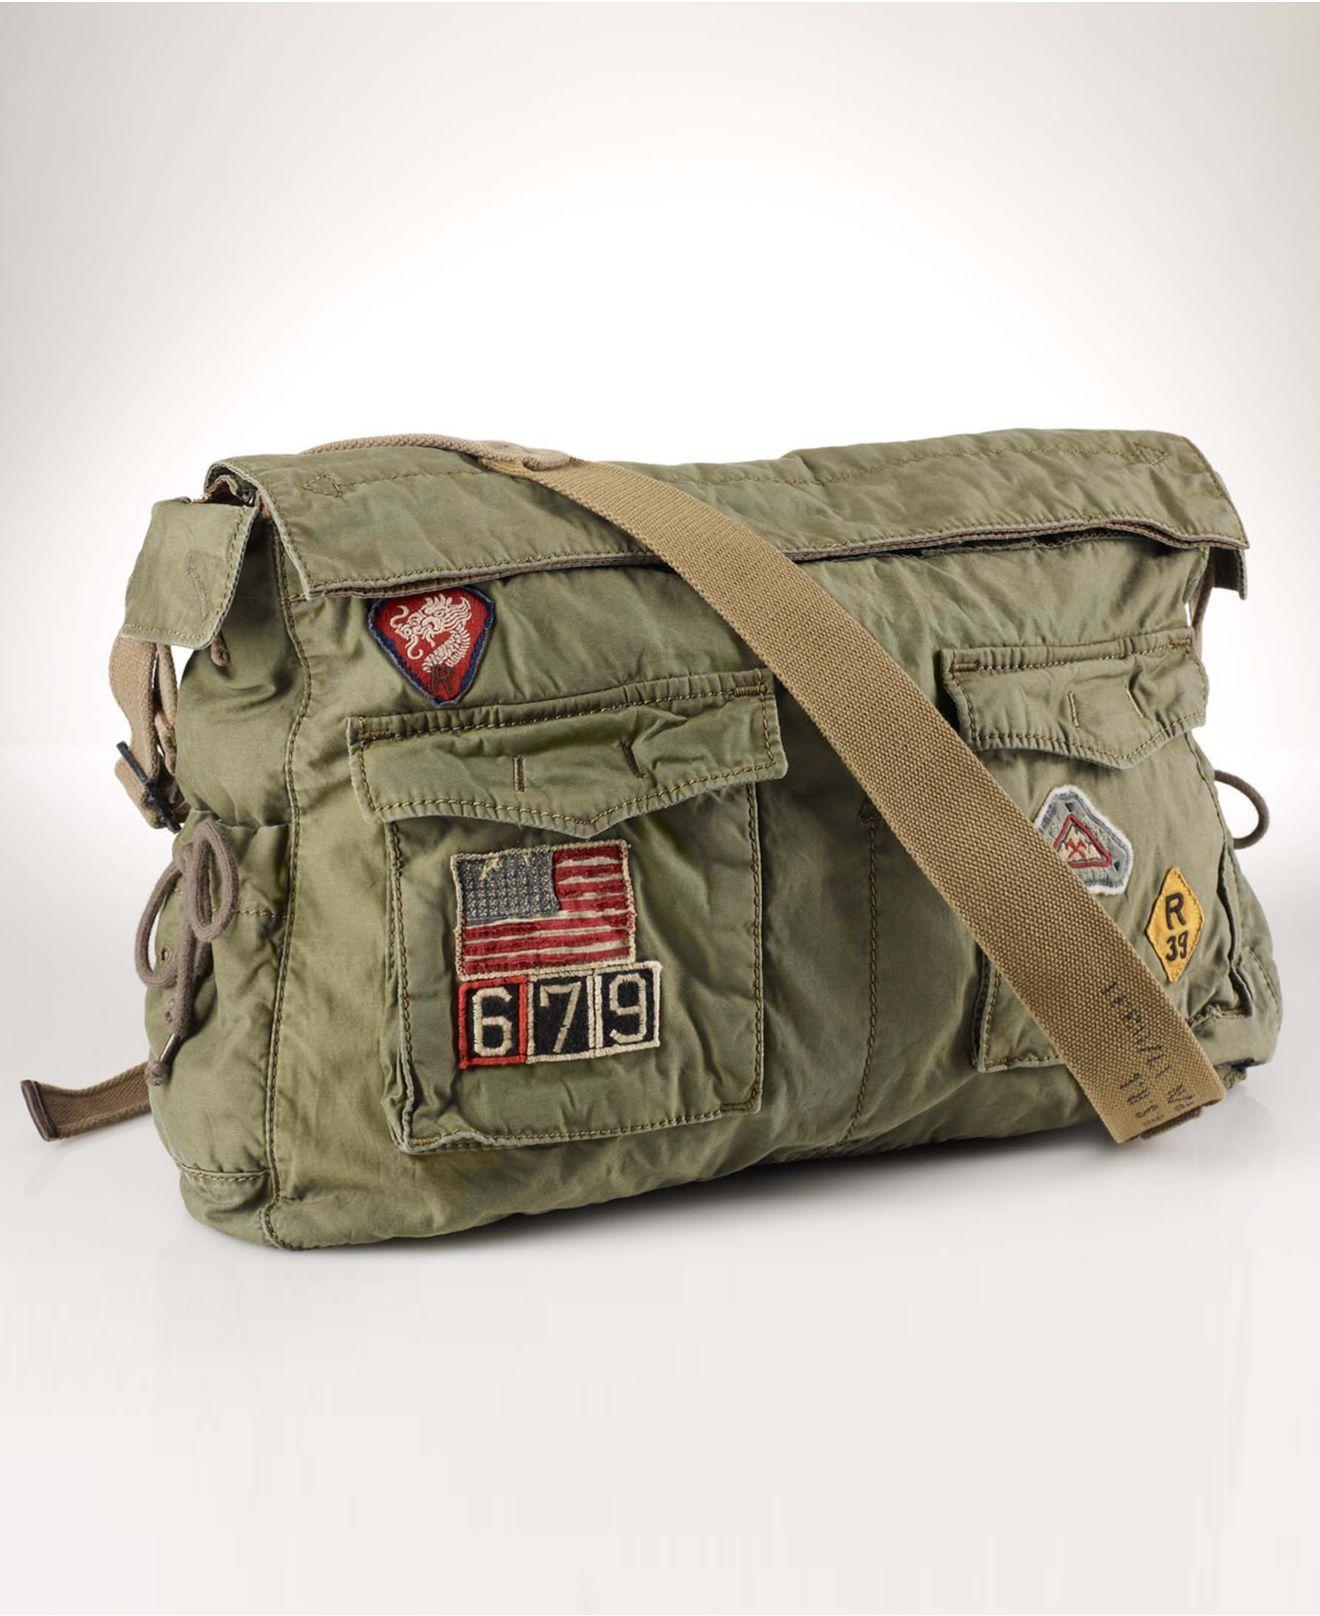 1bb19d30dd7d Polo Ralph Lauren Bag